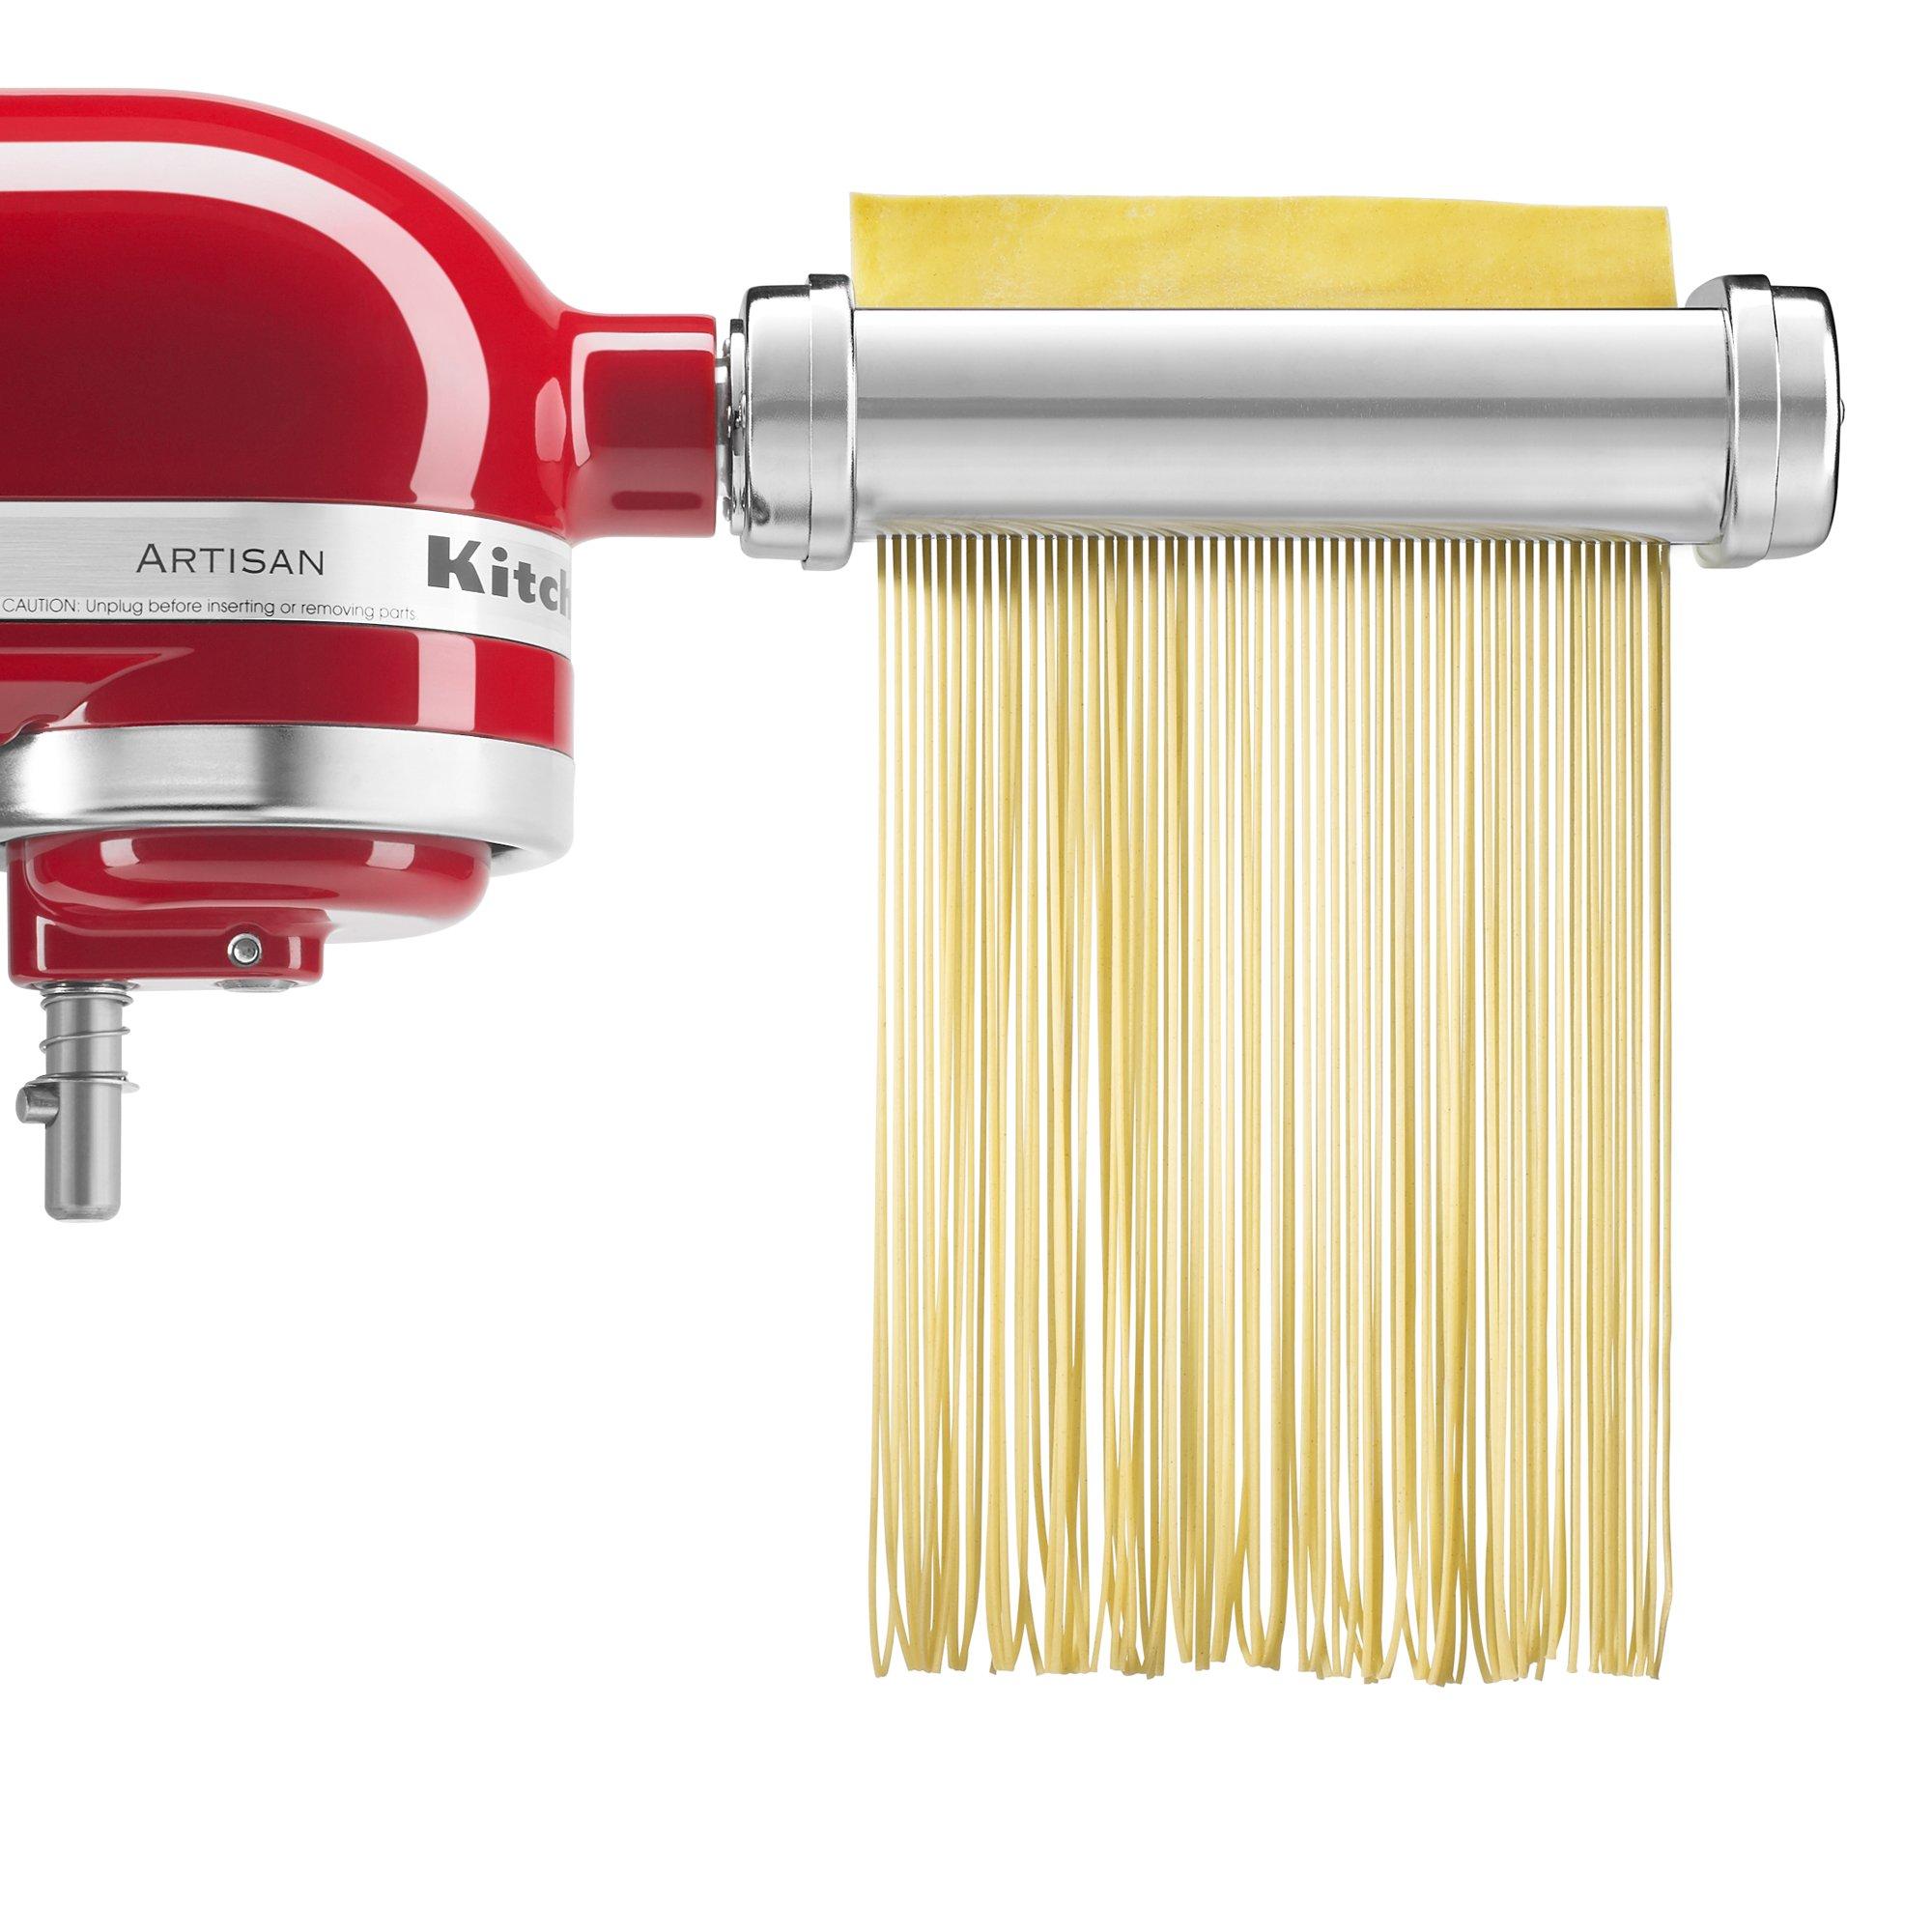 KitchenAid KSMPRA 3-Piece Pasta Roller & Cutter Attachment Set by KitchenAid (Image #5)